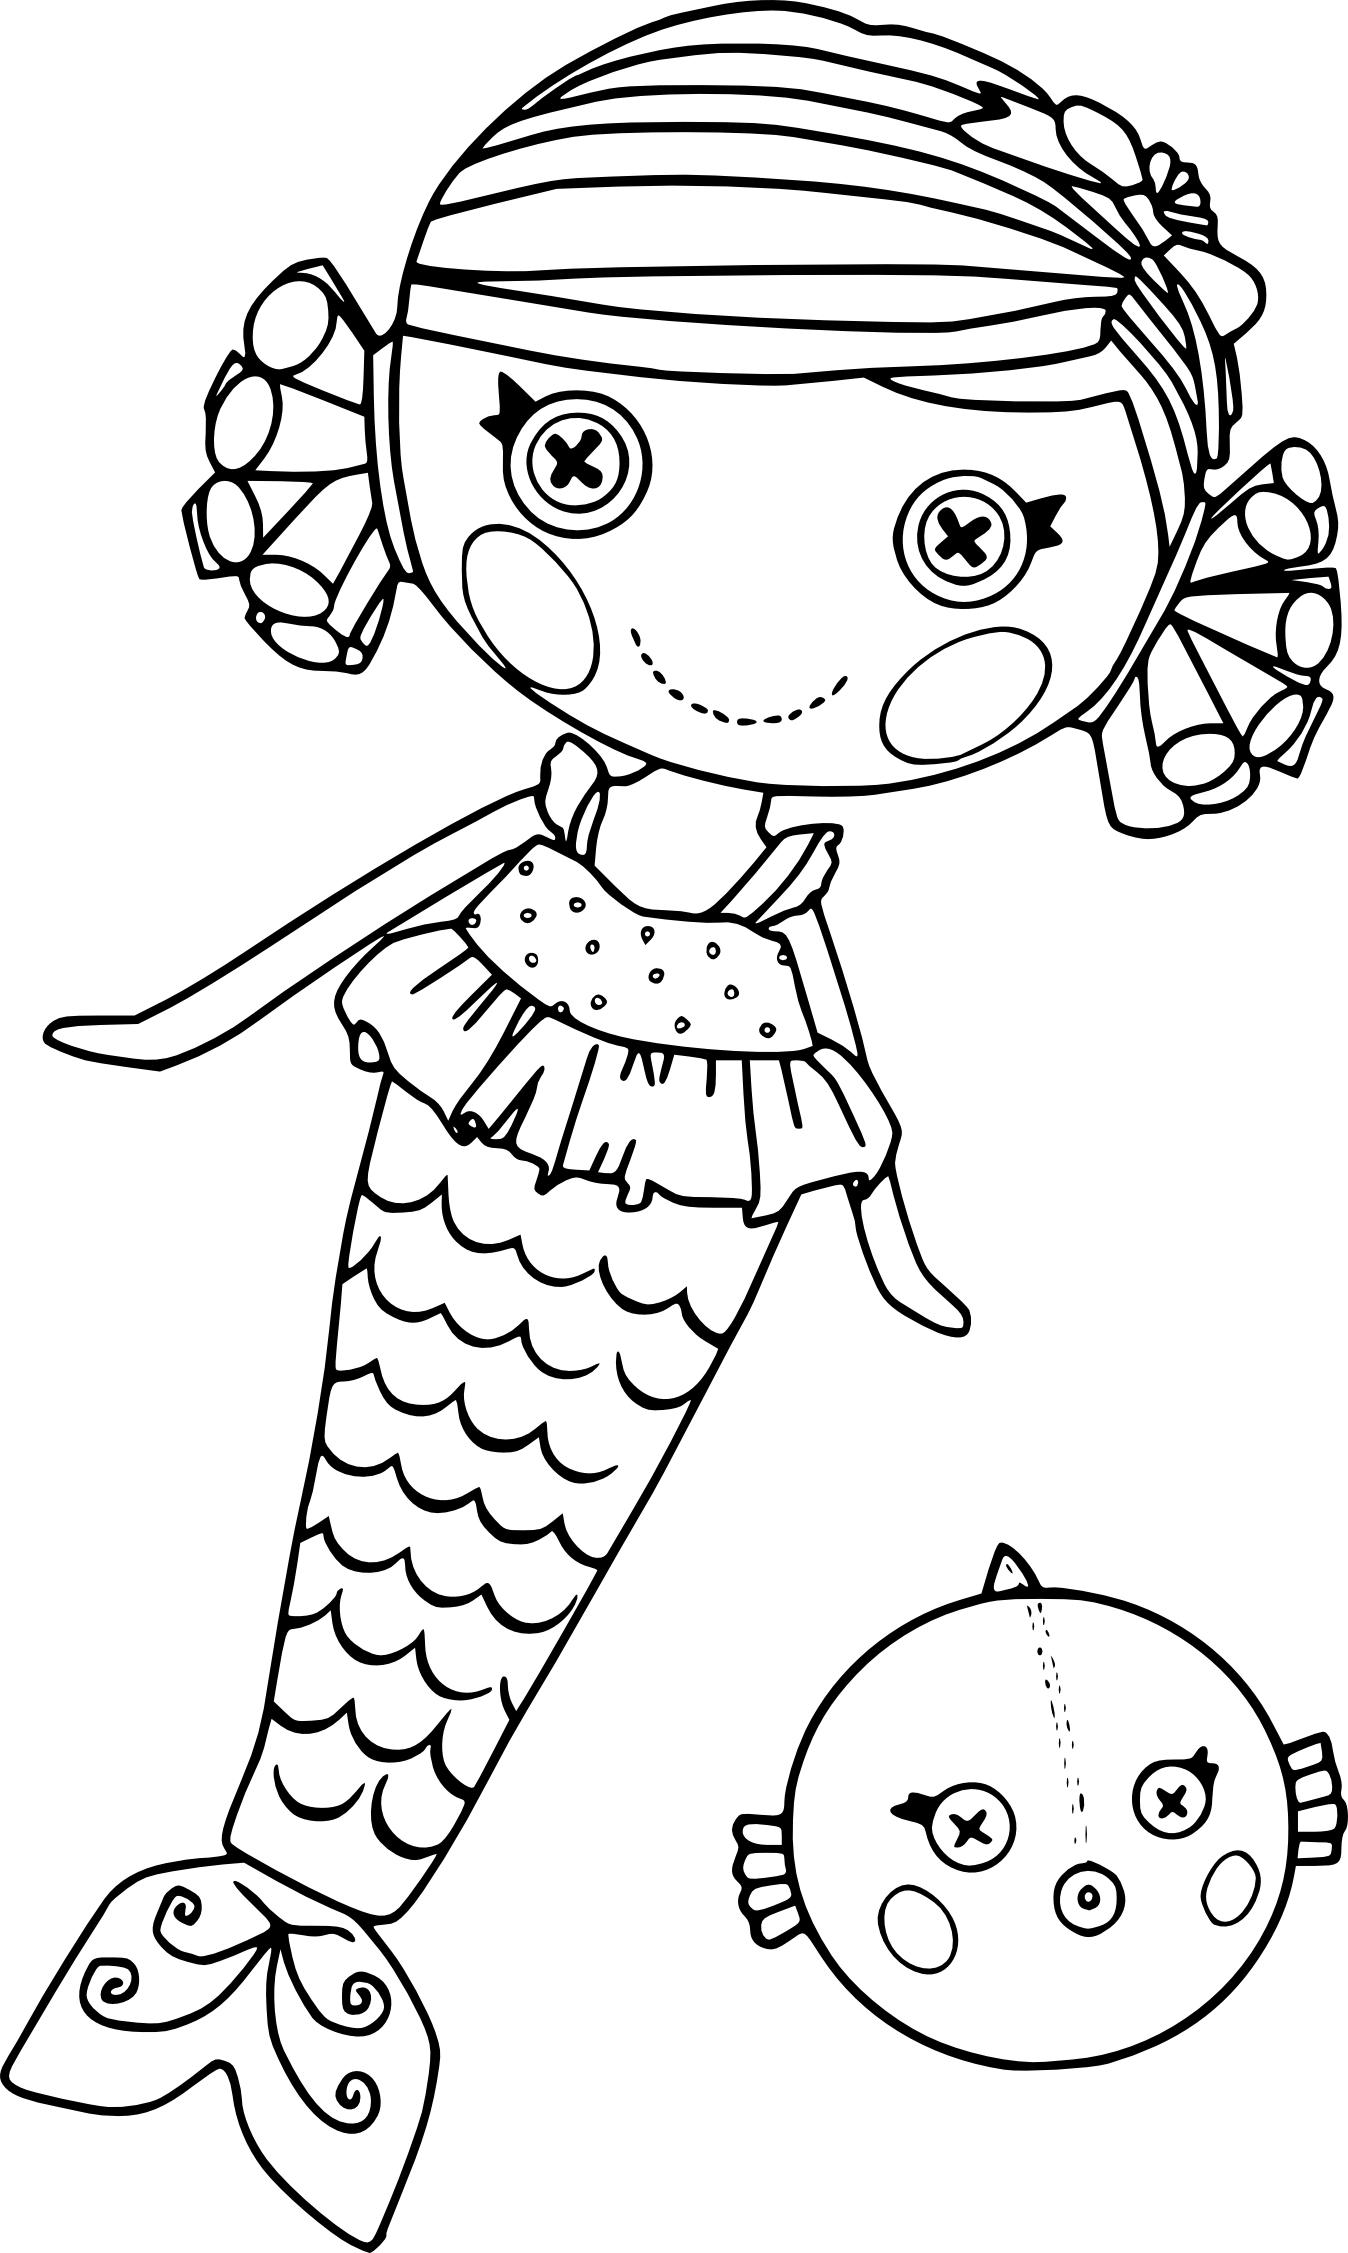 Coloriage lalaloopsy et dessin imprimer - Dessin imprimer ...